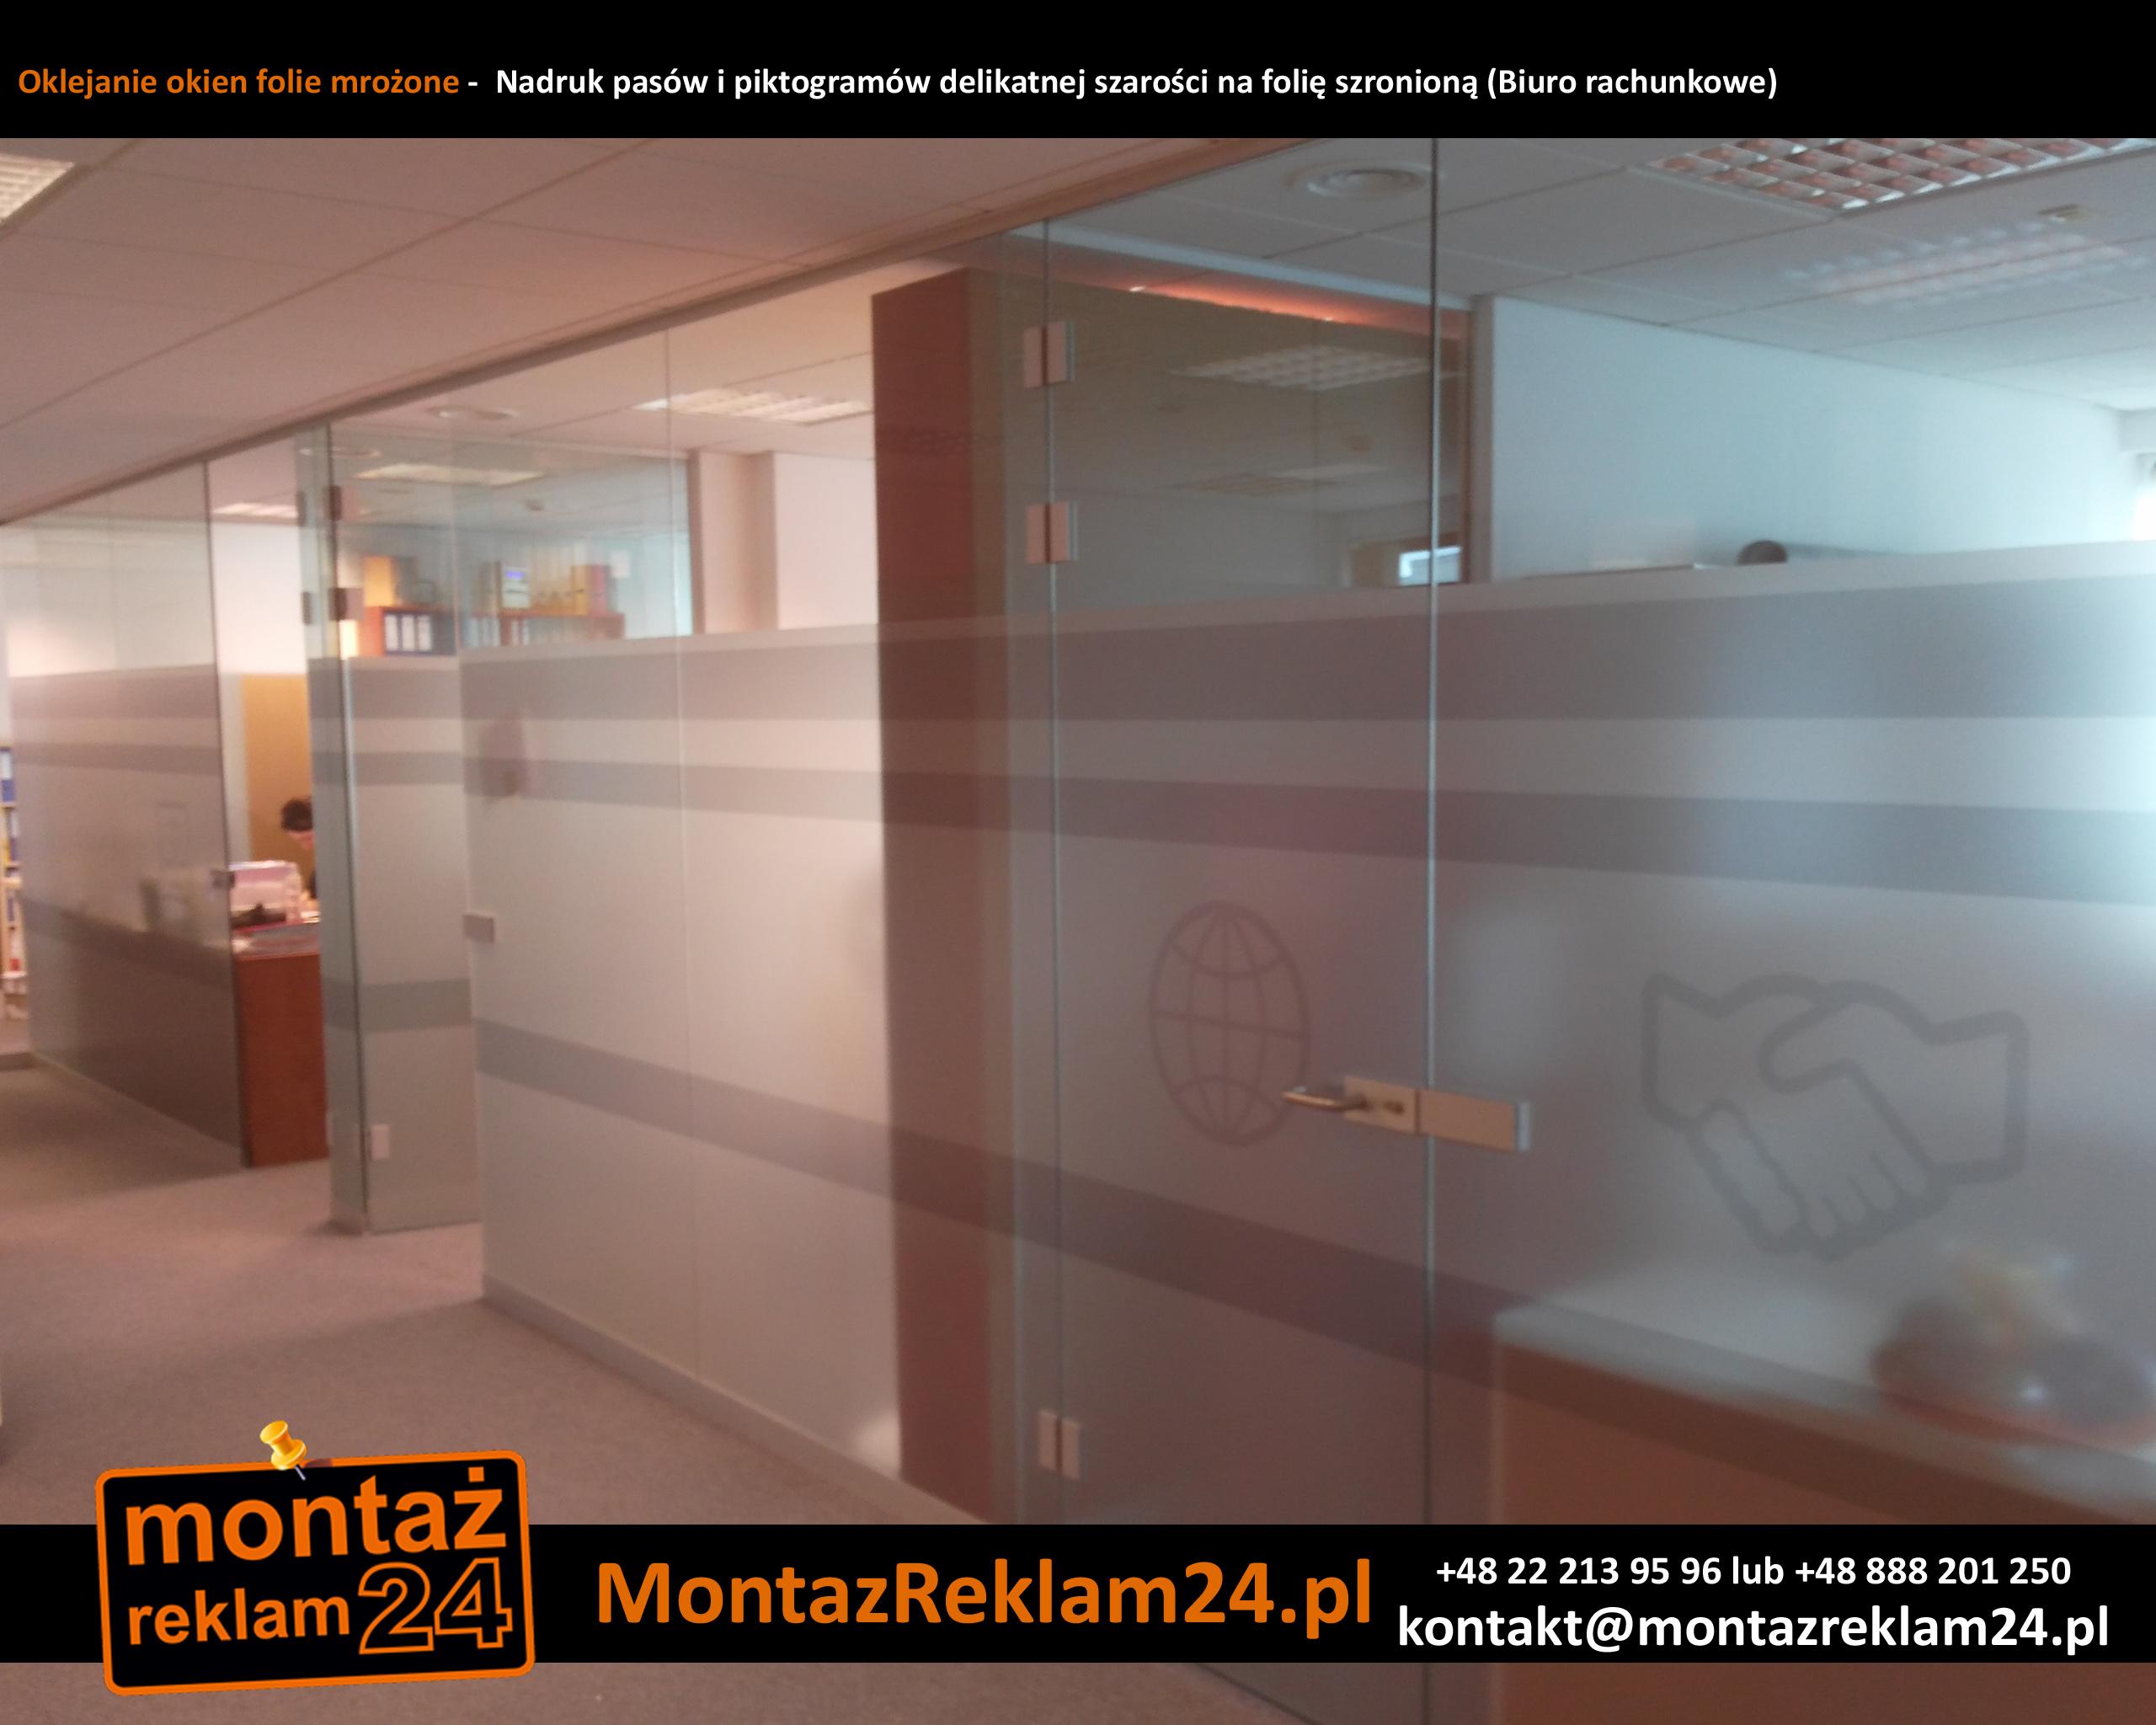 Oklejanie okien folie mrożone -  Nadruk pasów i piktogramów delikatnej szarości na folię szronioną (Biuro rachunkowe).jpg